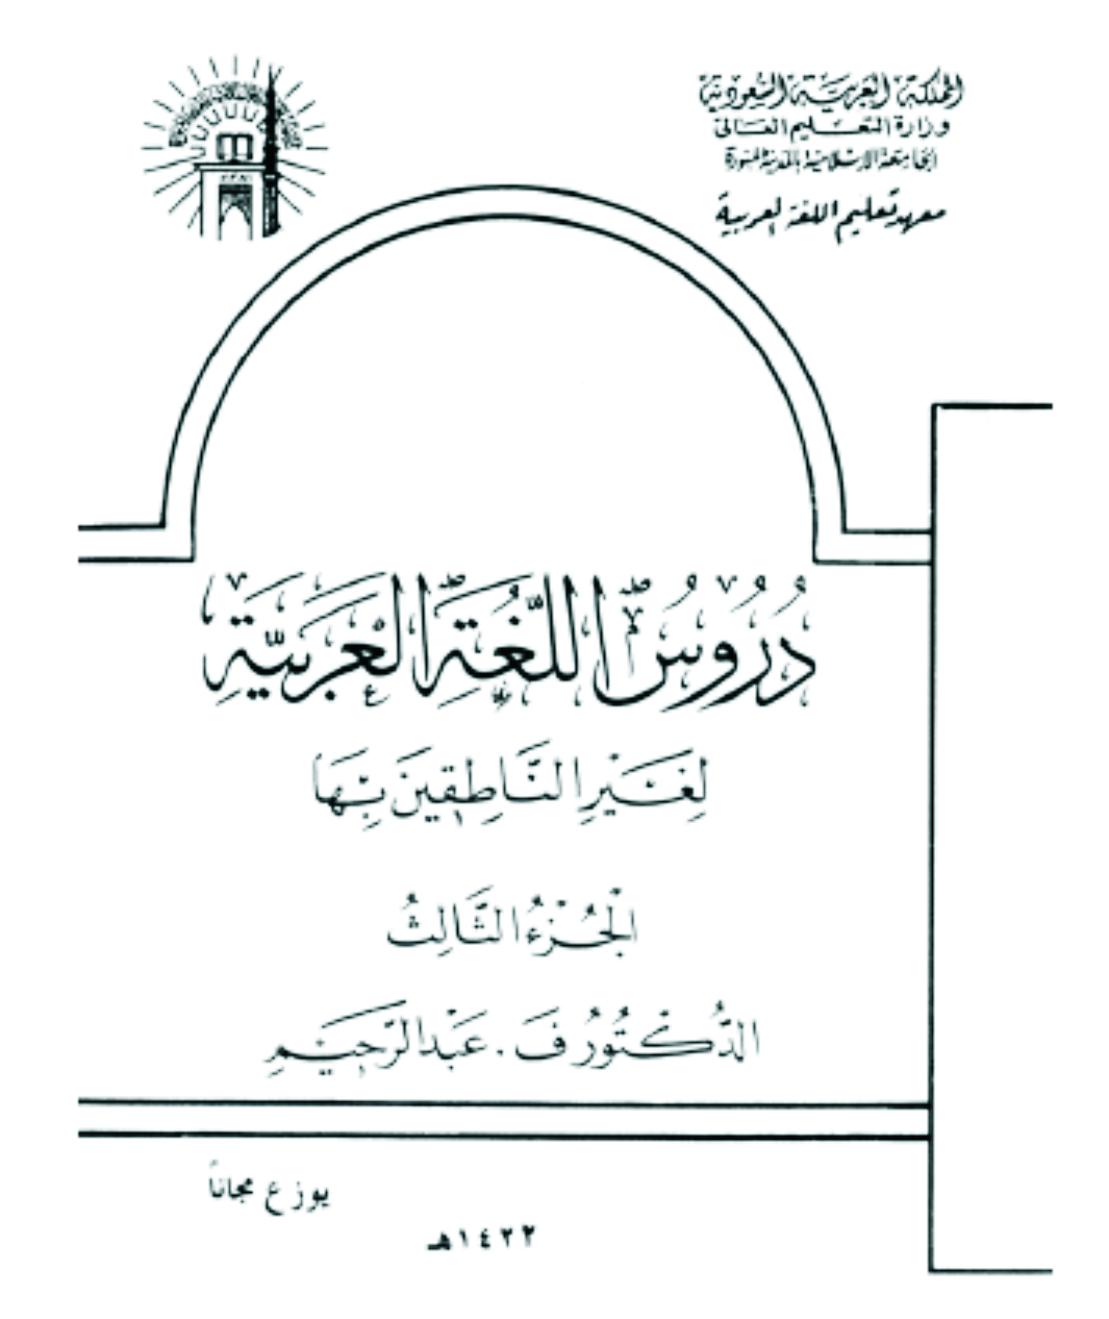 Download gratis) pdf lengkap kitab kamus lisaanul 'arob karya ibnu